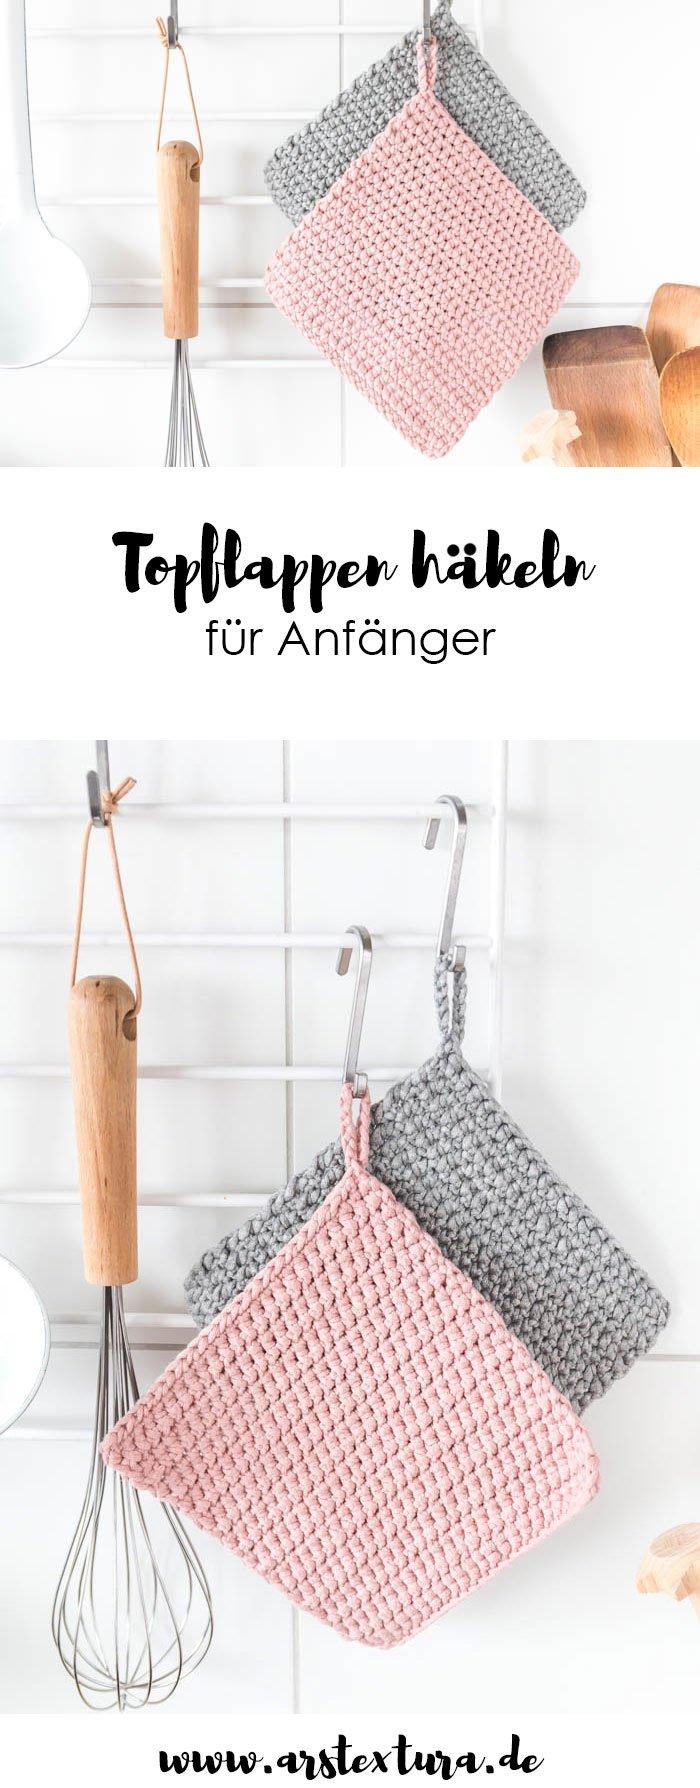 Topflappen Häkeln Für Anfänger Ars Textura Diy Blog